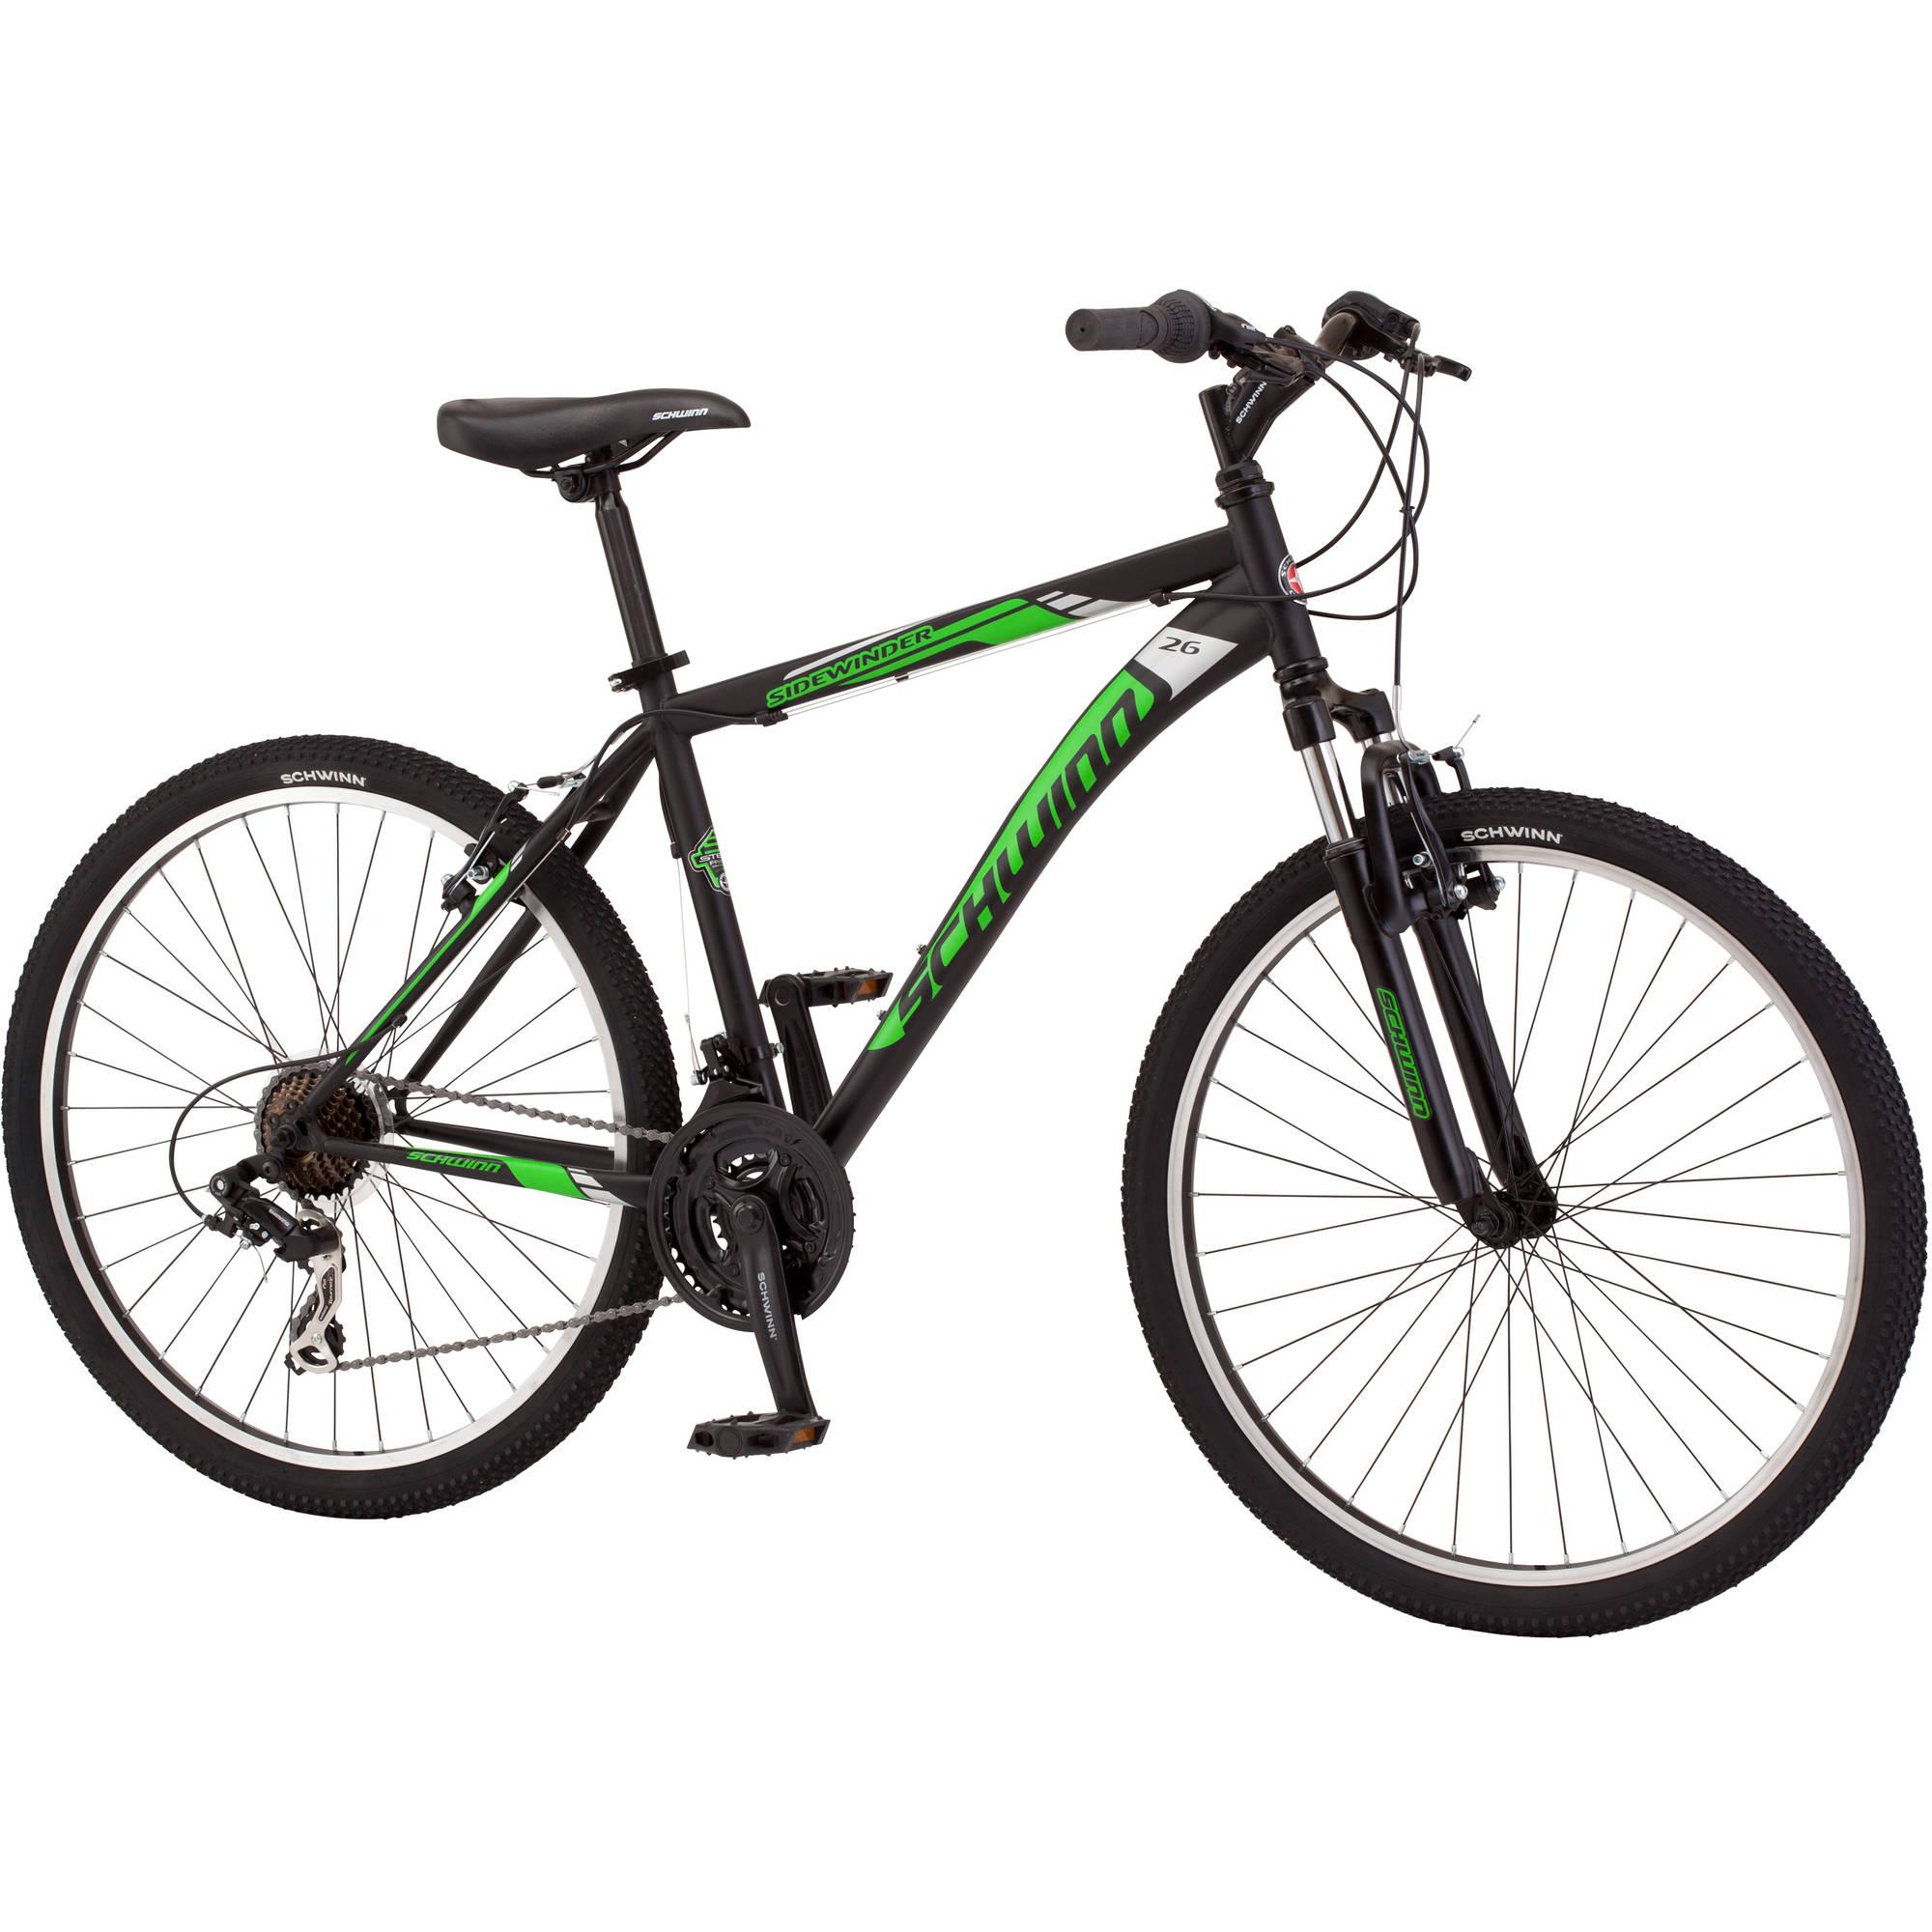 Ofertas Buen Fin 2017 Benotto: Bicicleta Schwinn Sidewinder R26 21V